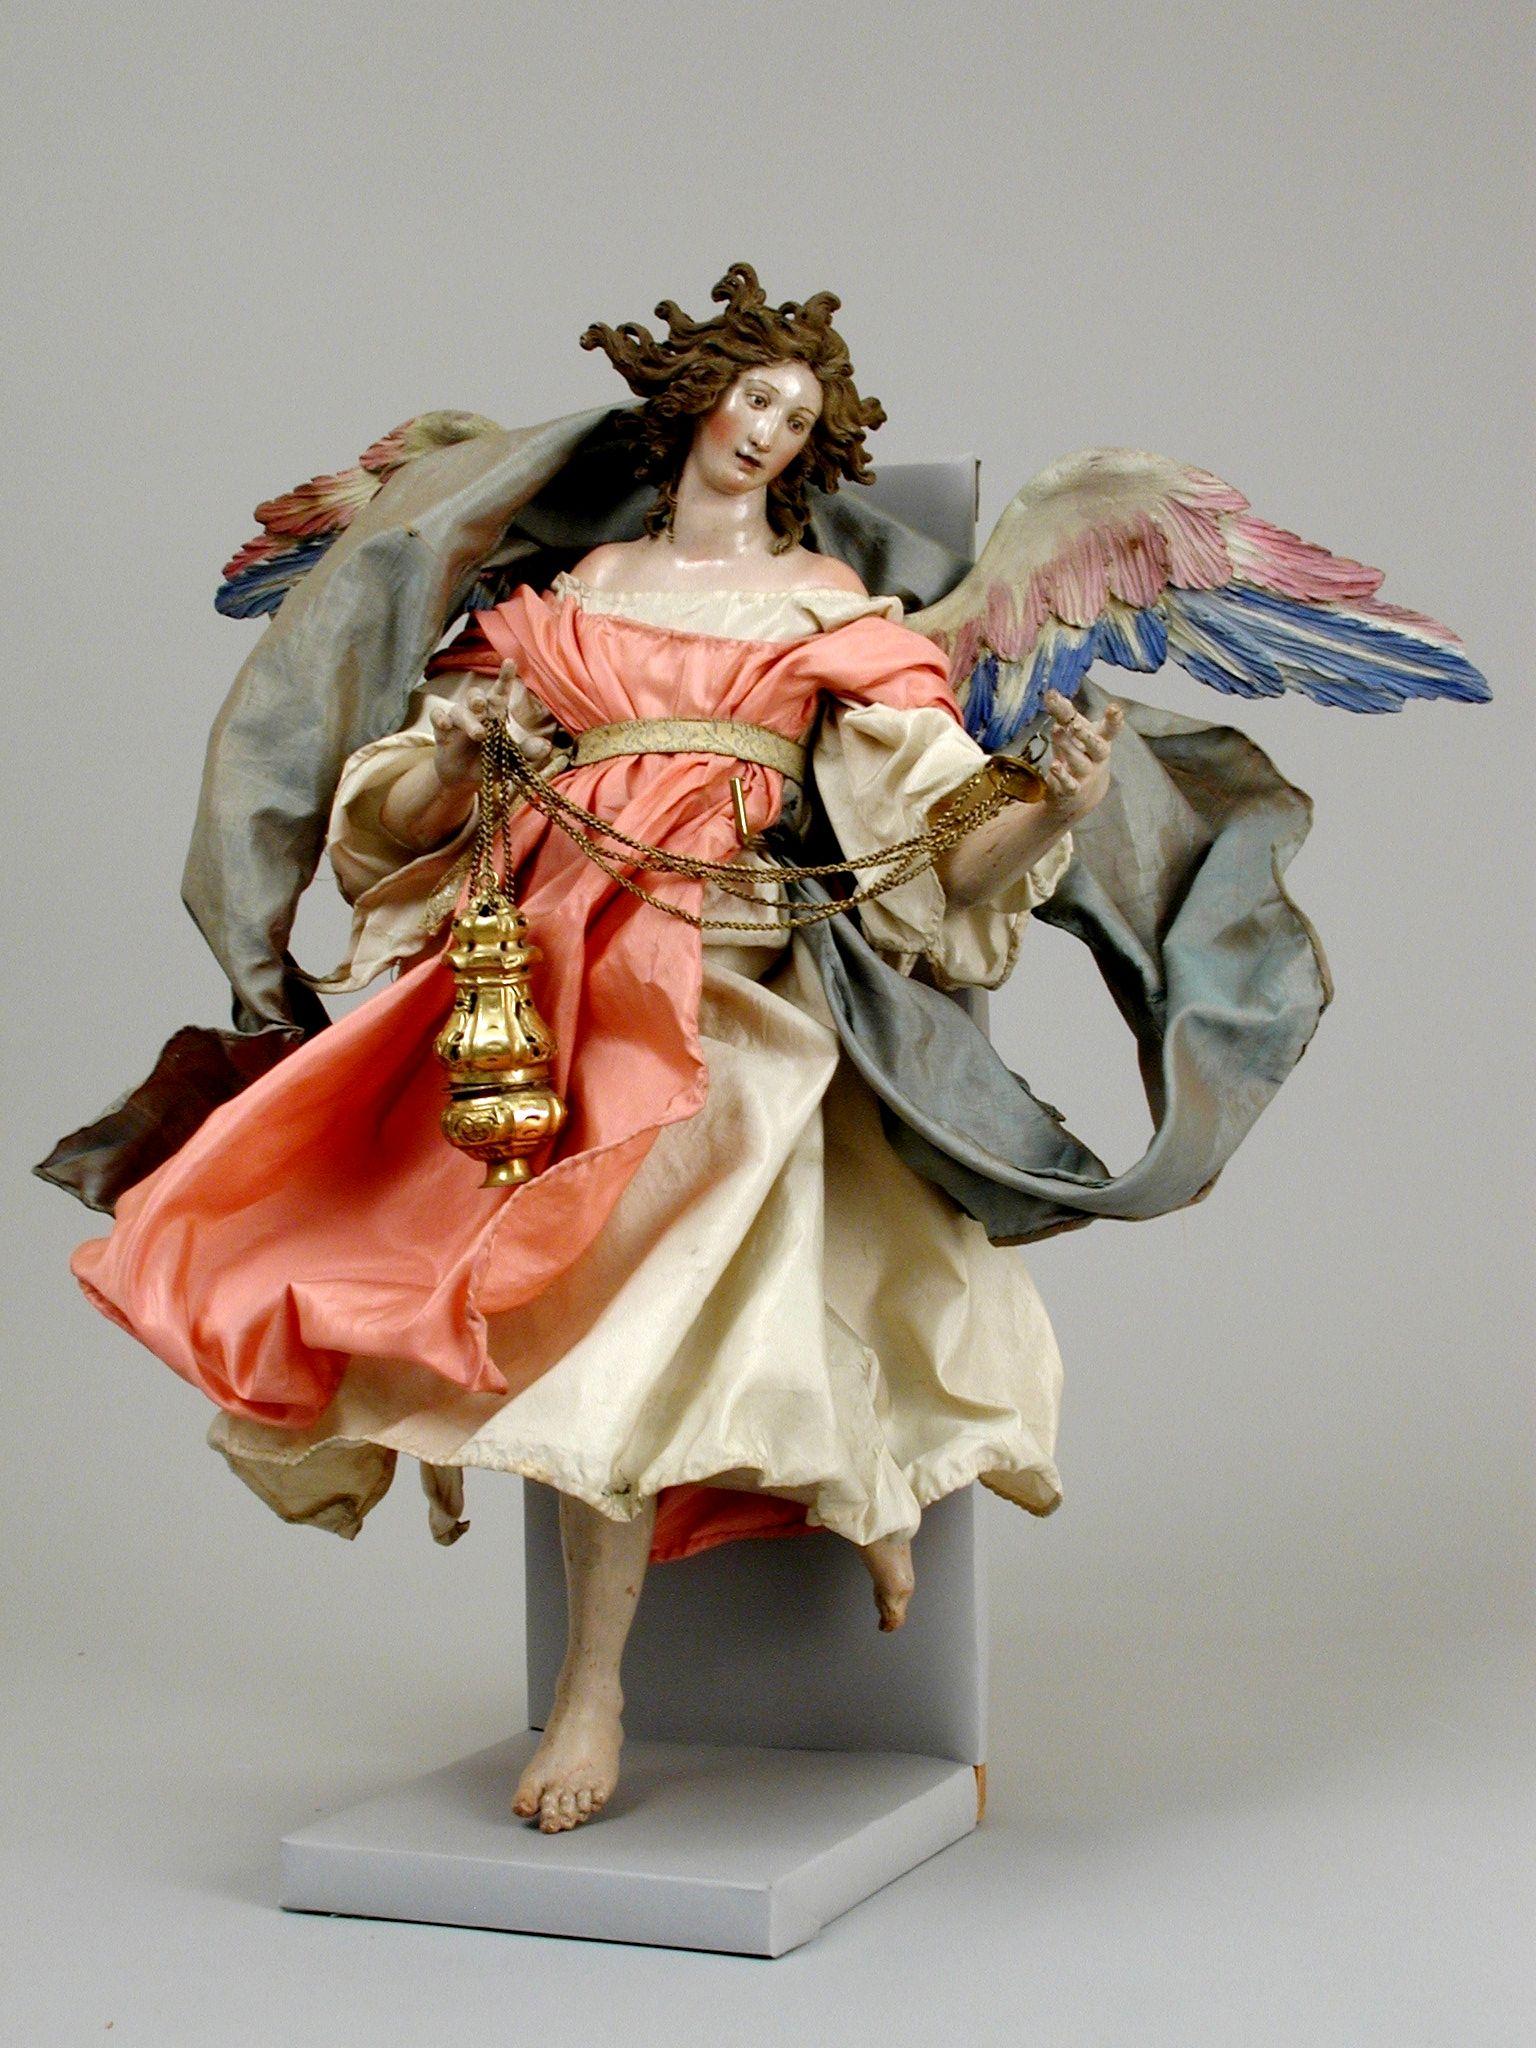 ANGELO DI S.DIFRANCO | Metropolitan museum of art, Three magi, Metropolitan museum